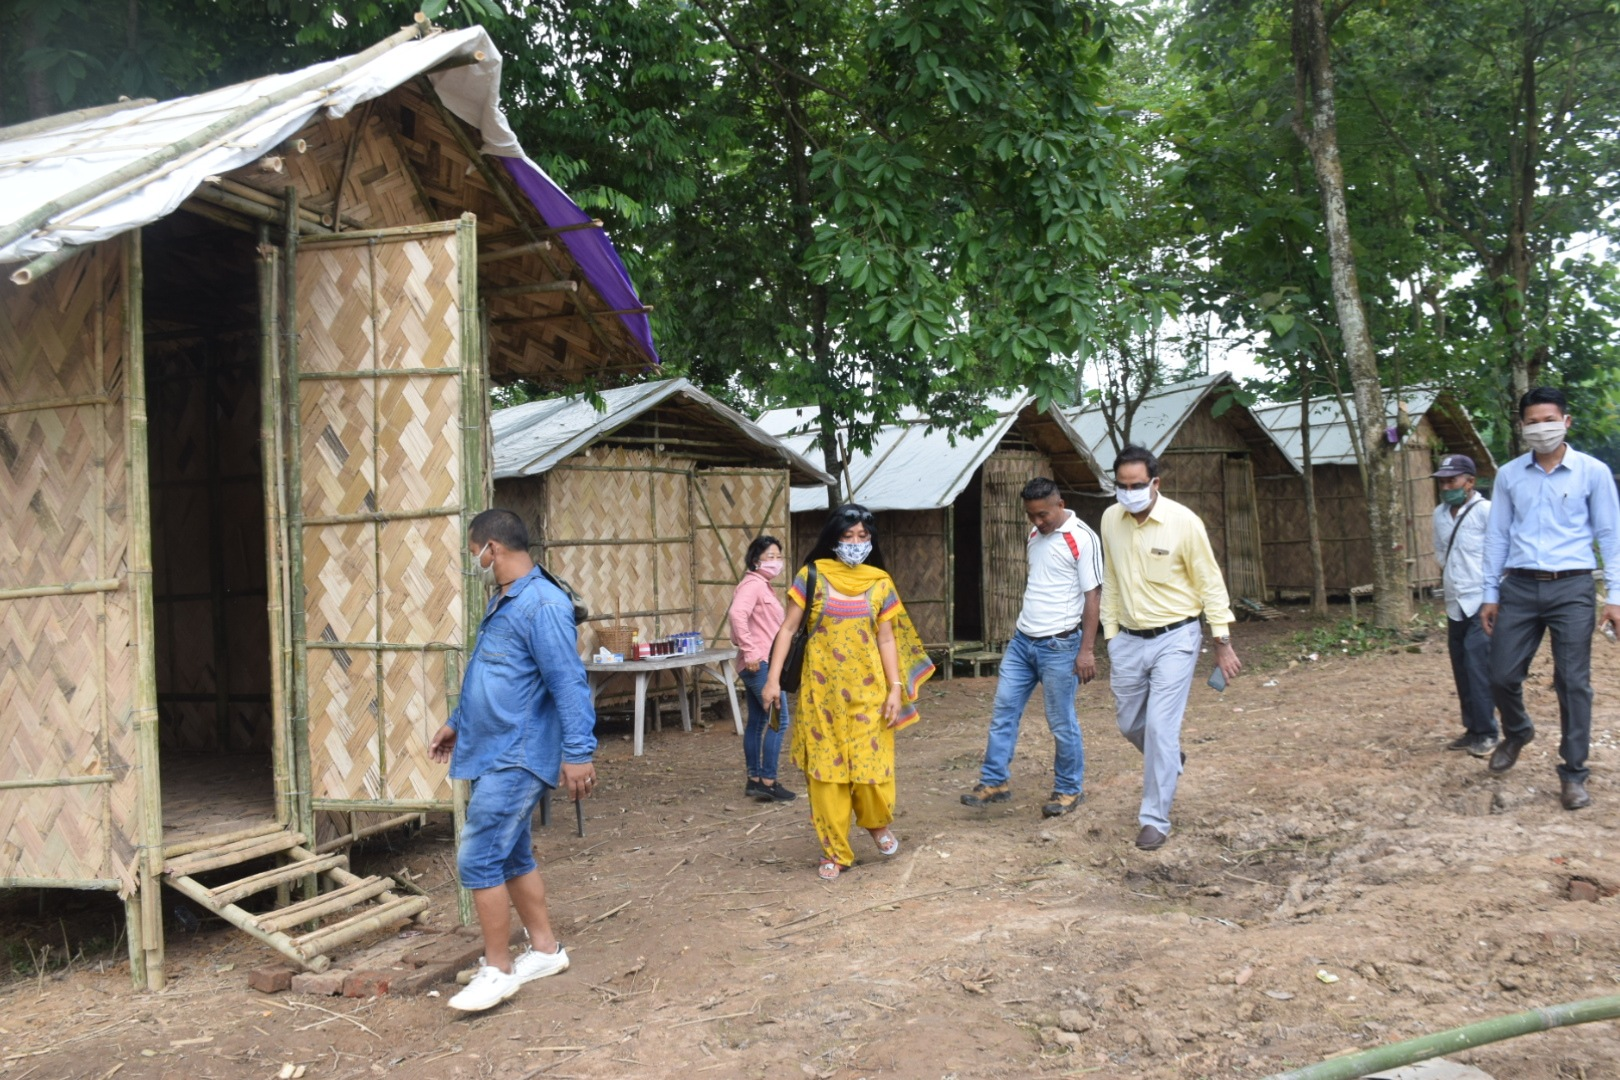 Quarantine huts